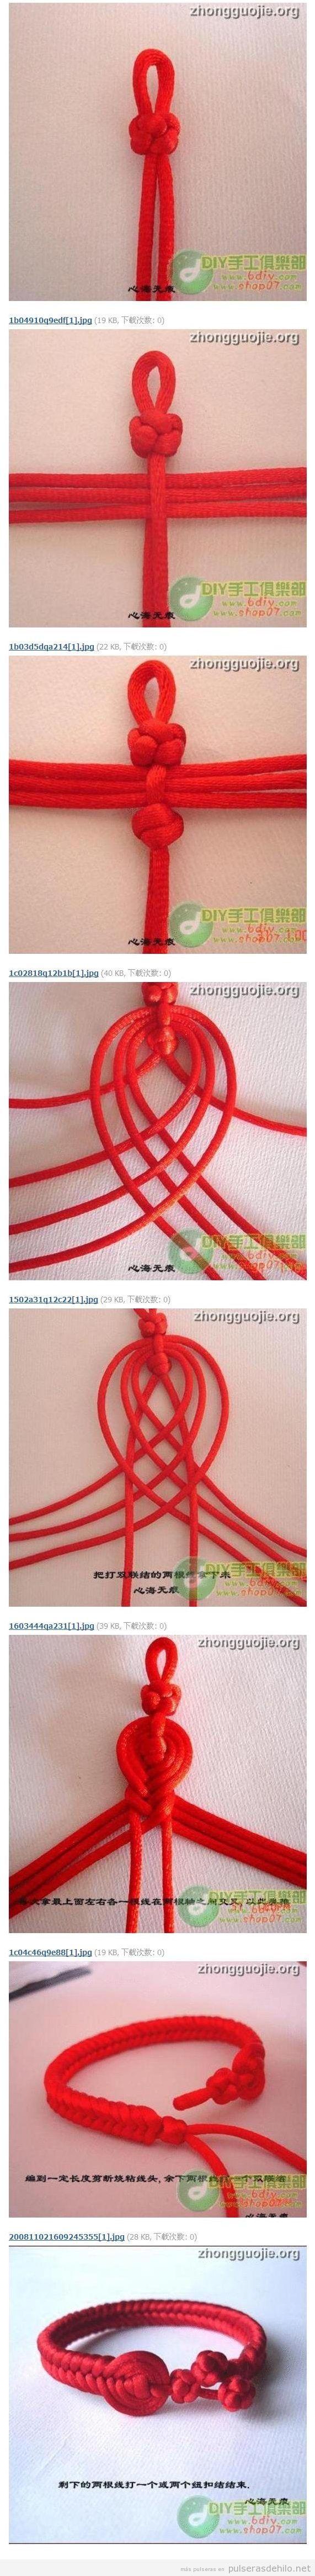 Tutorial para hacer una pulsera de nudos con cola de ratón, estilo asiático